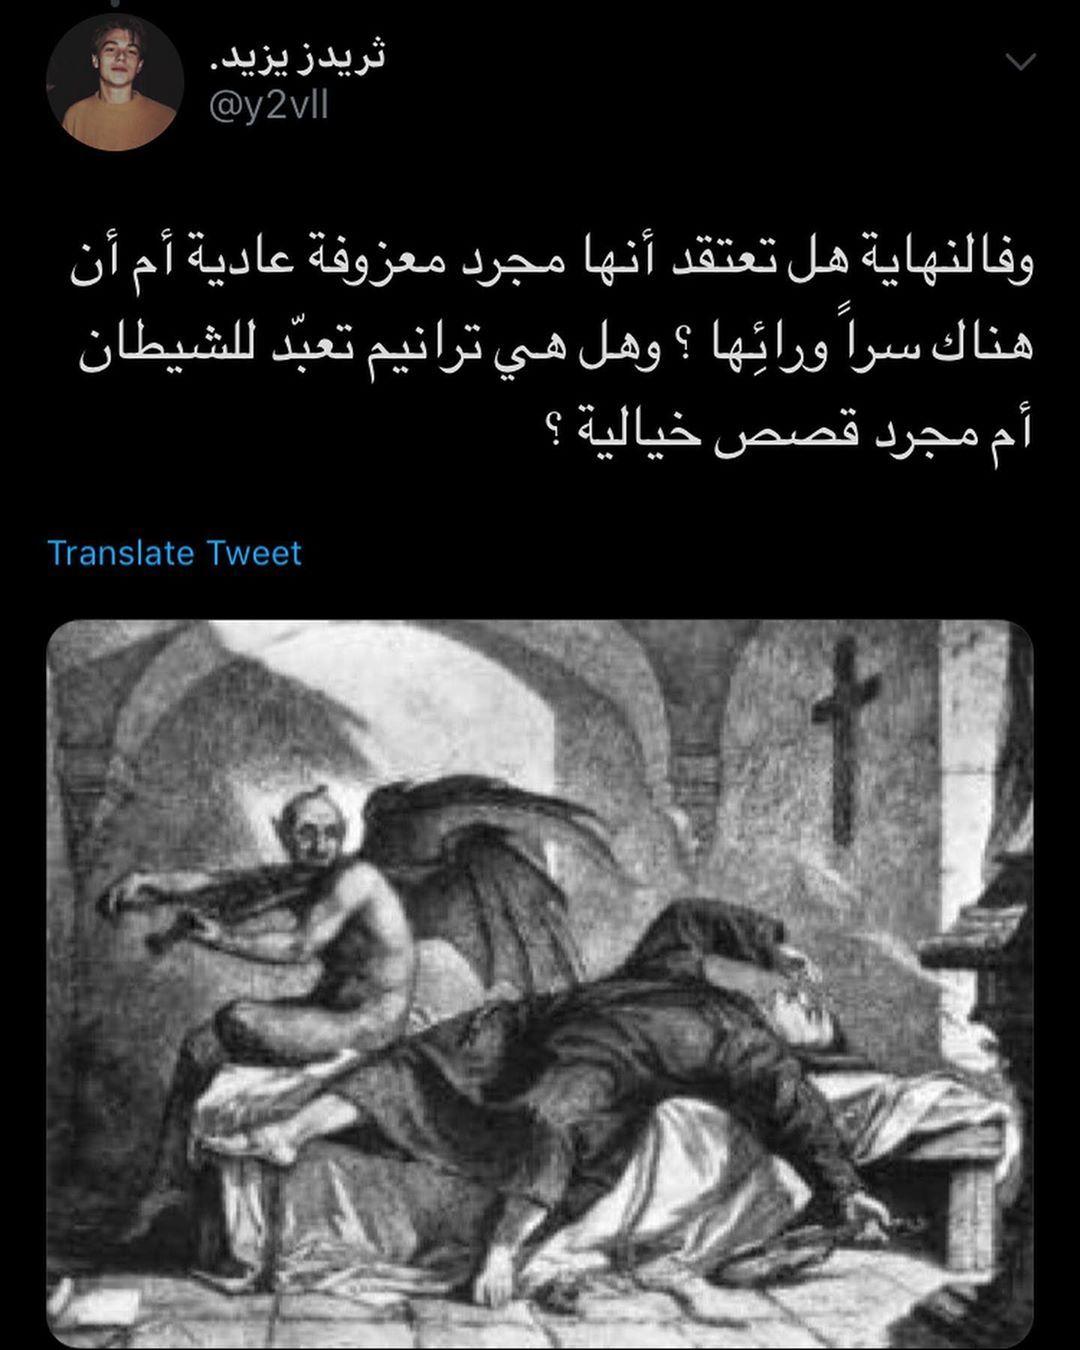 معزوفة الشيطان Panduan Mendalam Oleh Marwa We